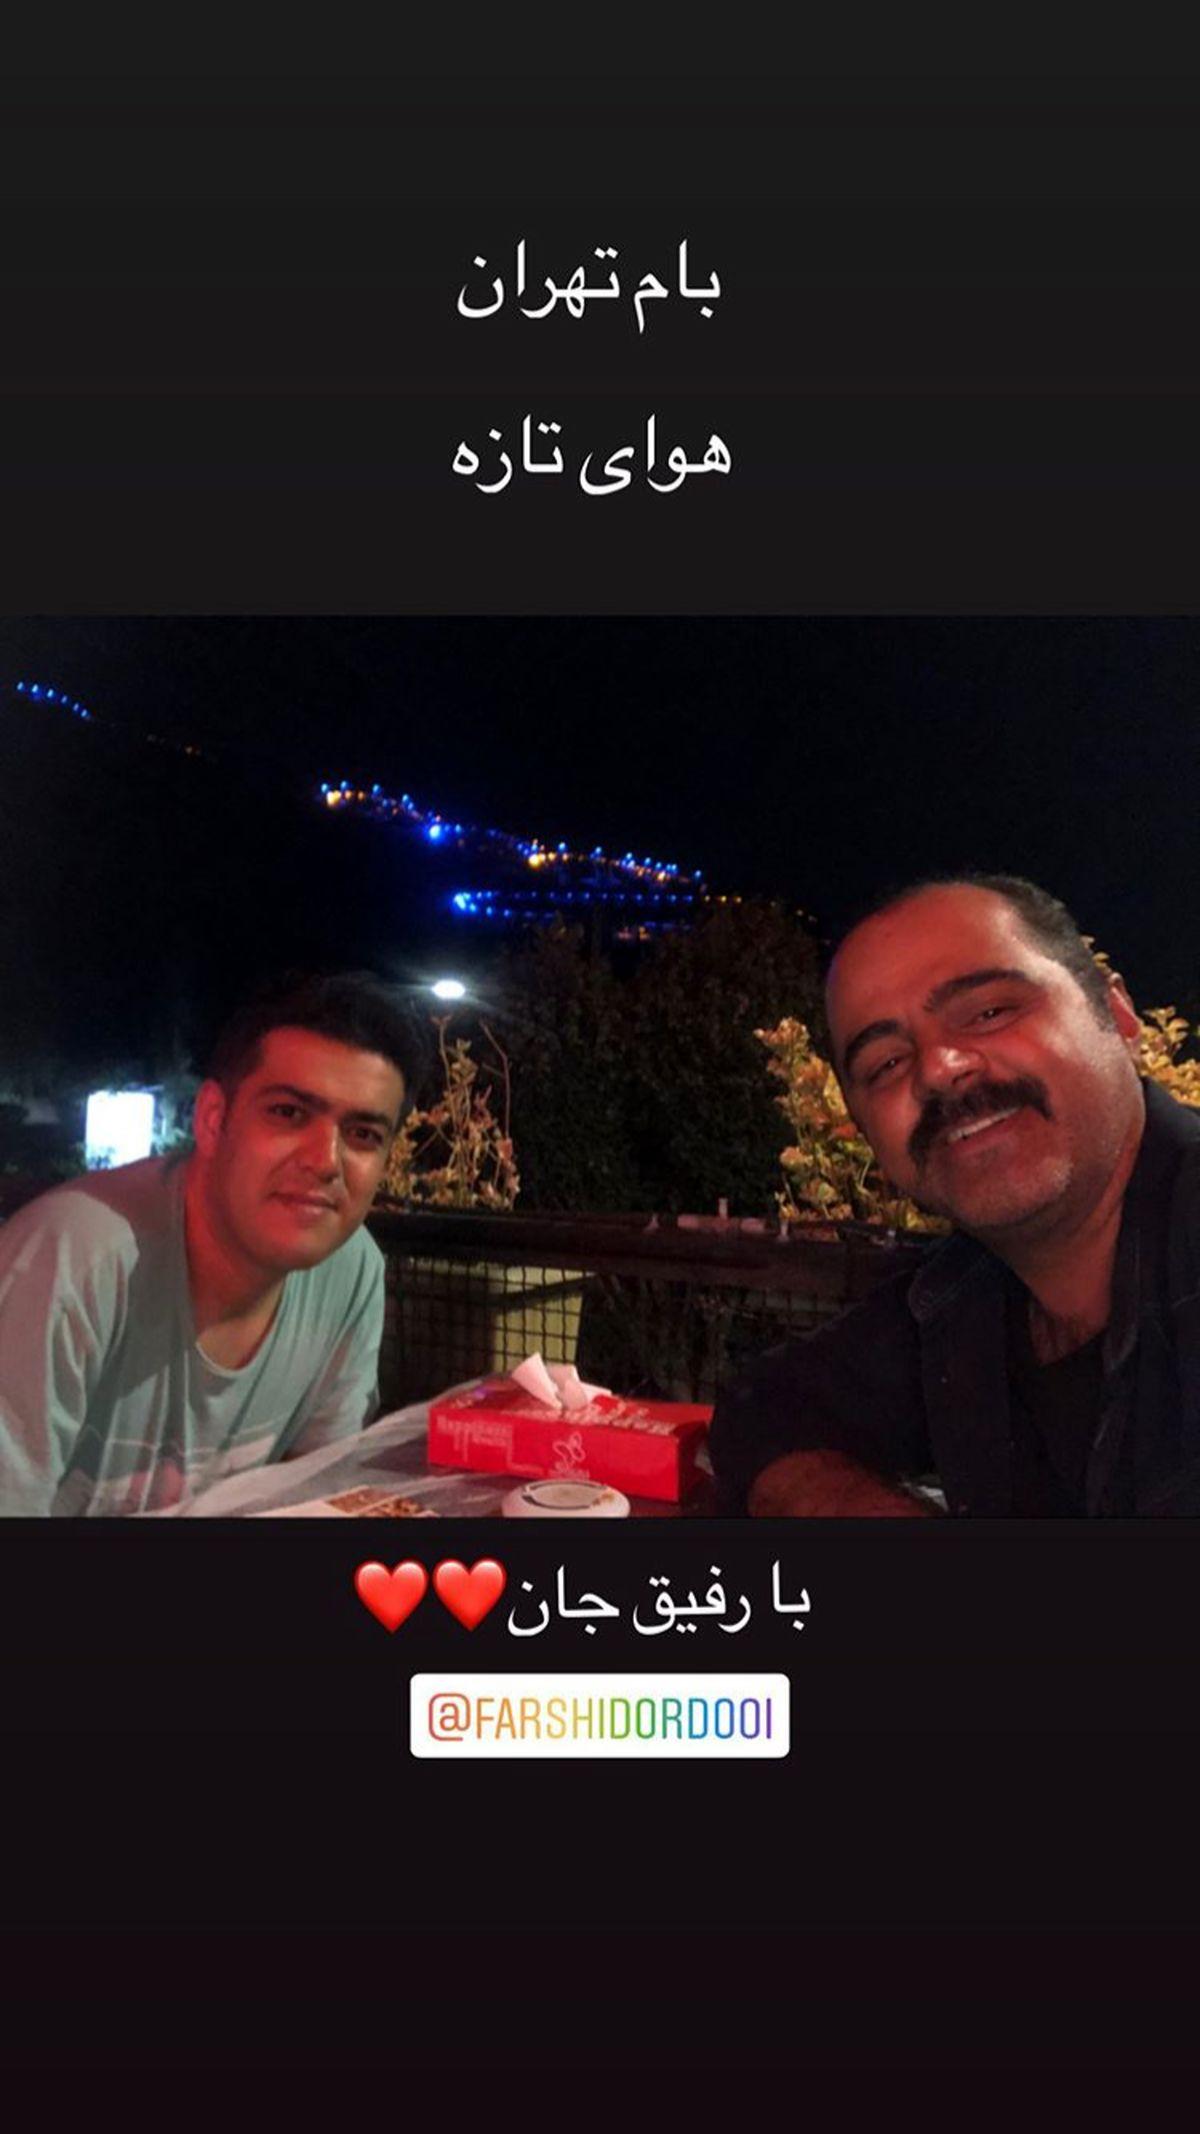 رضا مولایی و دوستش در گردش + عکس